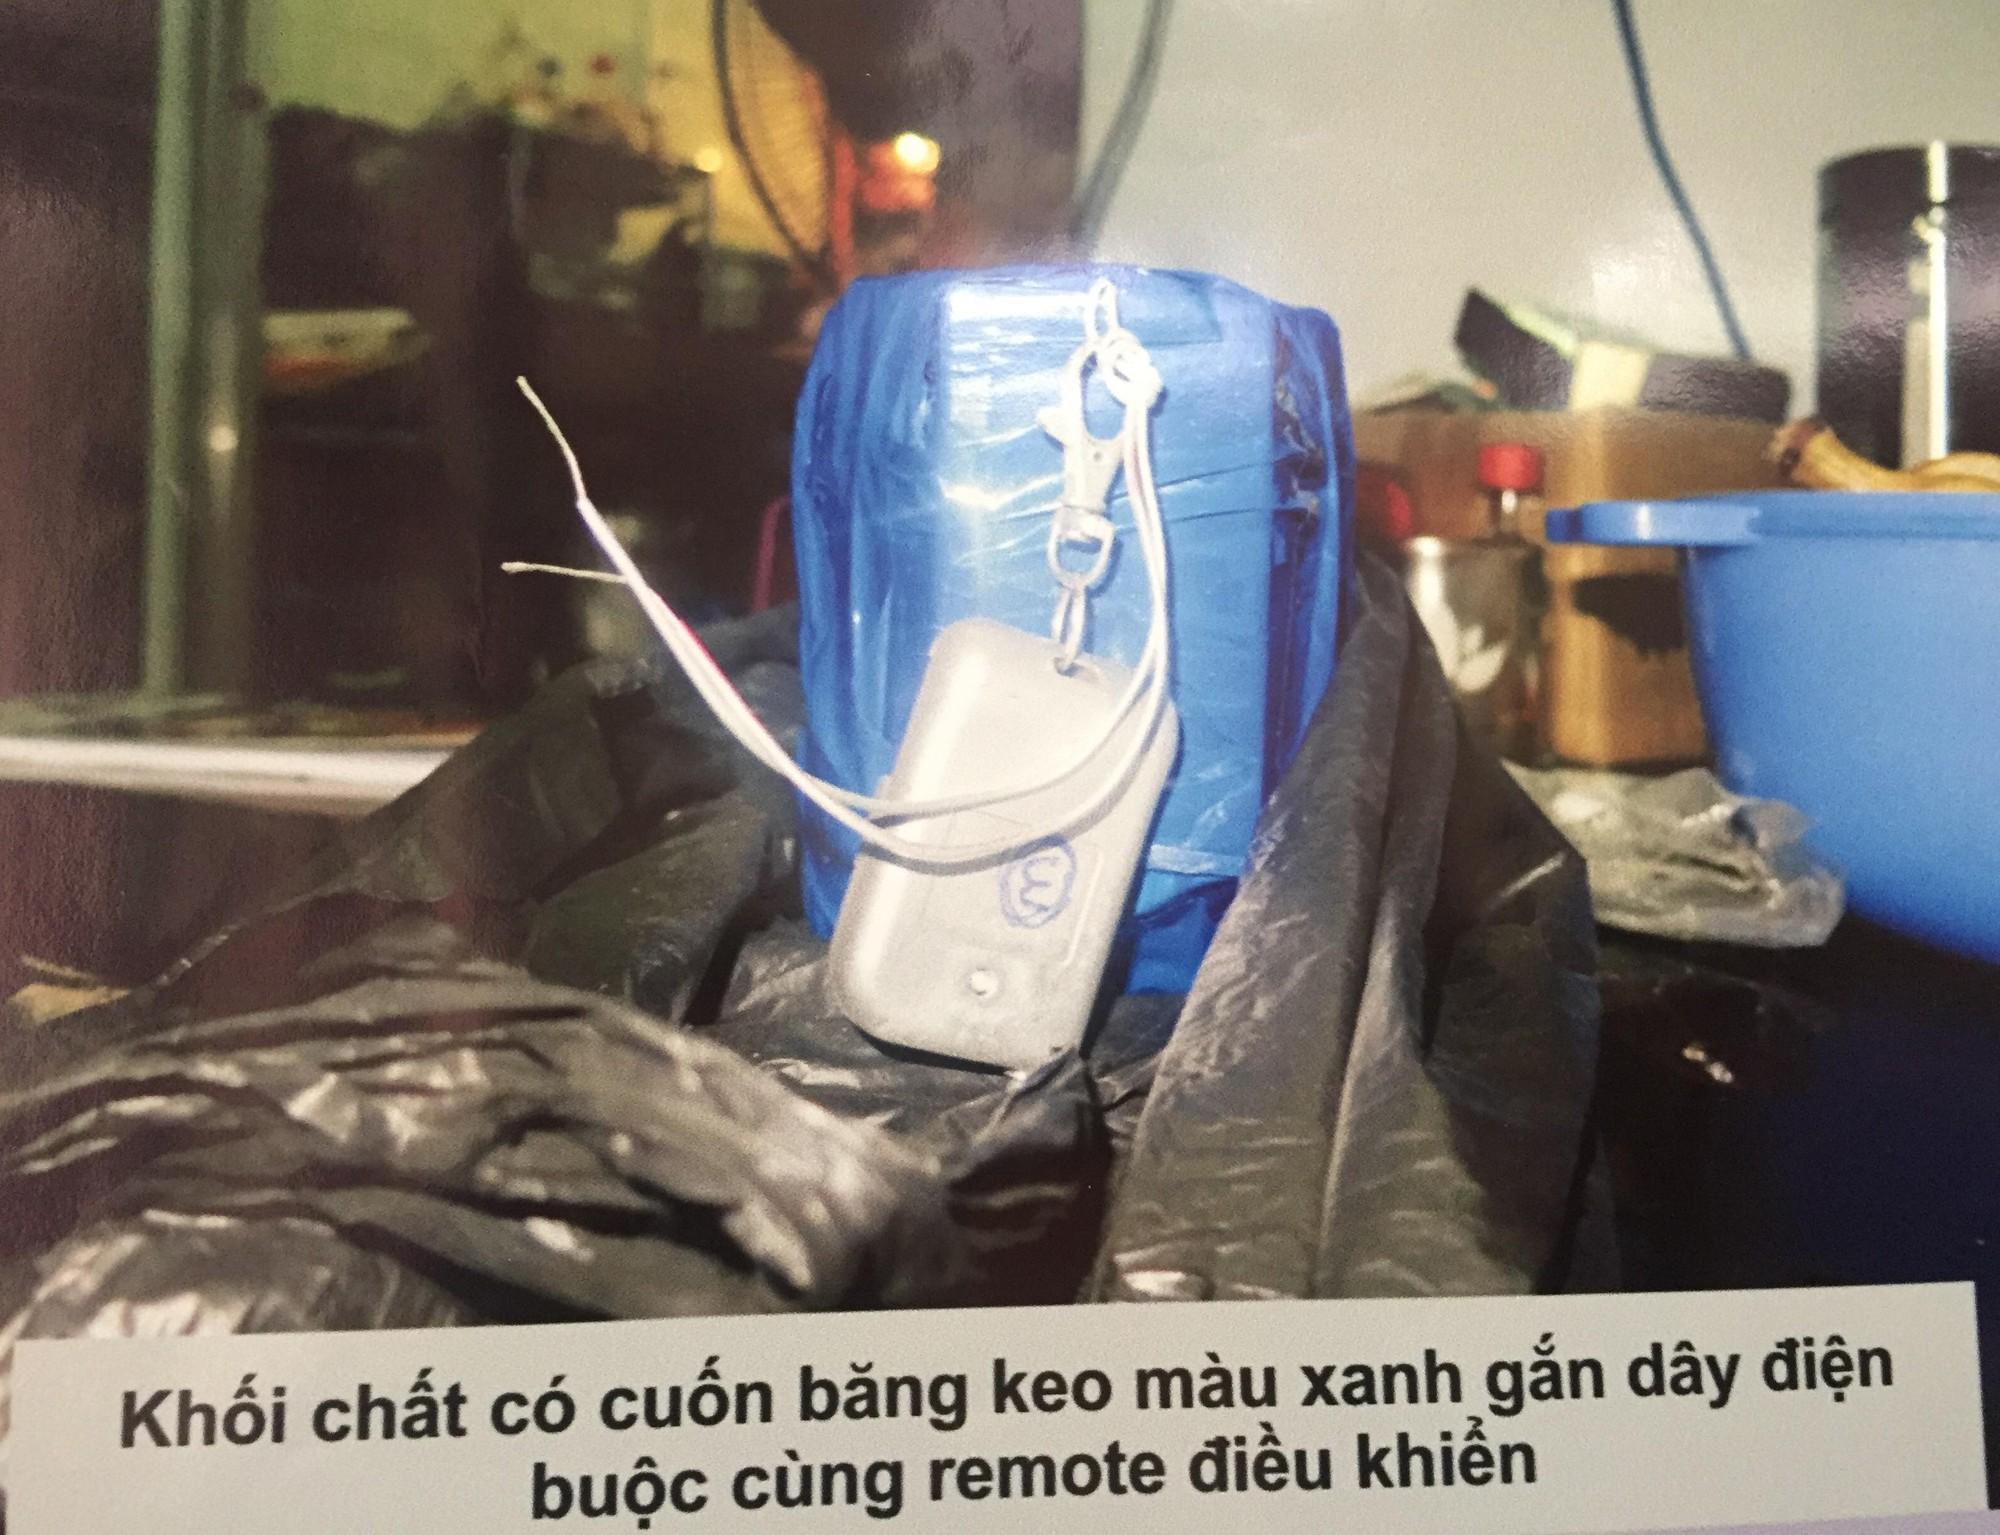 [ẢNH] 10kg thuốc nổ trong nhà của kẻ ném bom vào trụ sở công an phường - Ảnh 9.